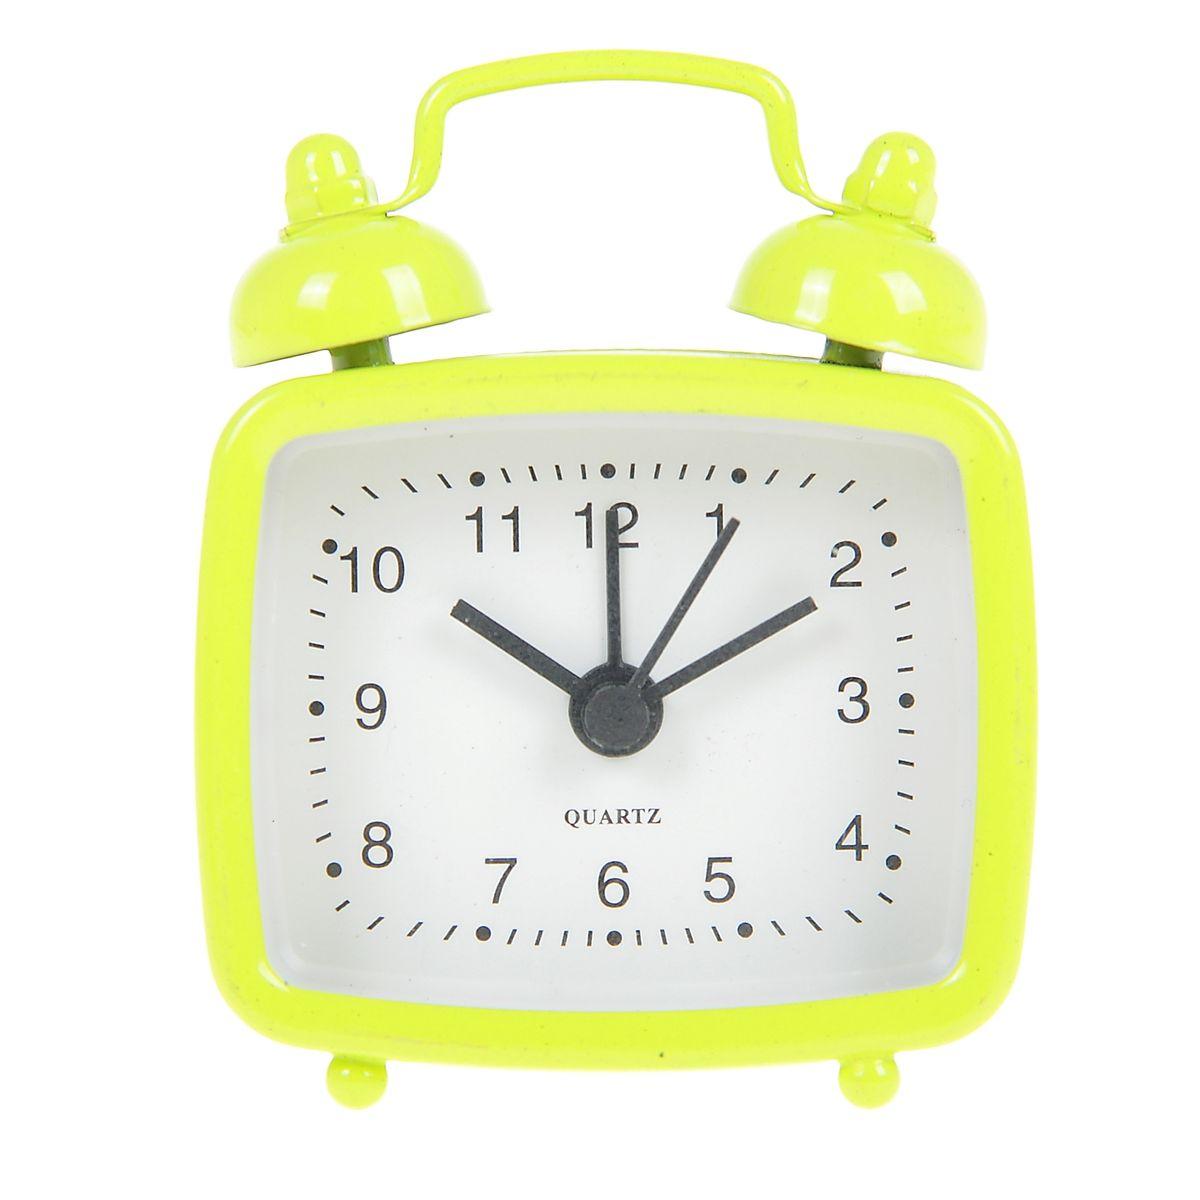 Часы-будильник Sima-land, цвет: желтый. 840945RRC-1250 BLACKКак же сложно иногда вставать вовремя! Всегда так хочется поспать еще хотя бы 5 минут и бывает, что мы просыпаем. Теперь этого не случится! Яркий, оригинальный будильник Sima-land поможет вам всегда вставать в нужное время и успевать везде и всюду. Будильник украсит вашу комнату и приведет в восхищение друзей. Эта уменьшенная версия привычного будильника умещается на ладони и работает так же громко, как и привычные аналоги. Время показывает точно и будит в установленный час.На задней панели будильника расположены переключатель включения/выключения механизма, а также два колесика для настройки текущего времени и времени звонка будильника.Будильник работает от 1 батарейки типа LR44 (входит в комплект).